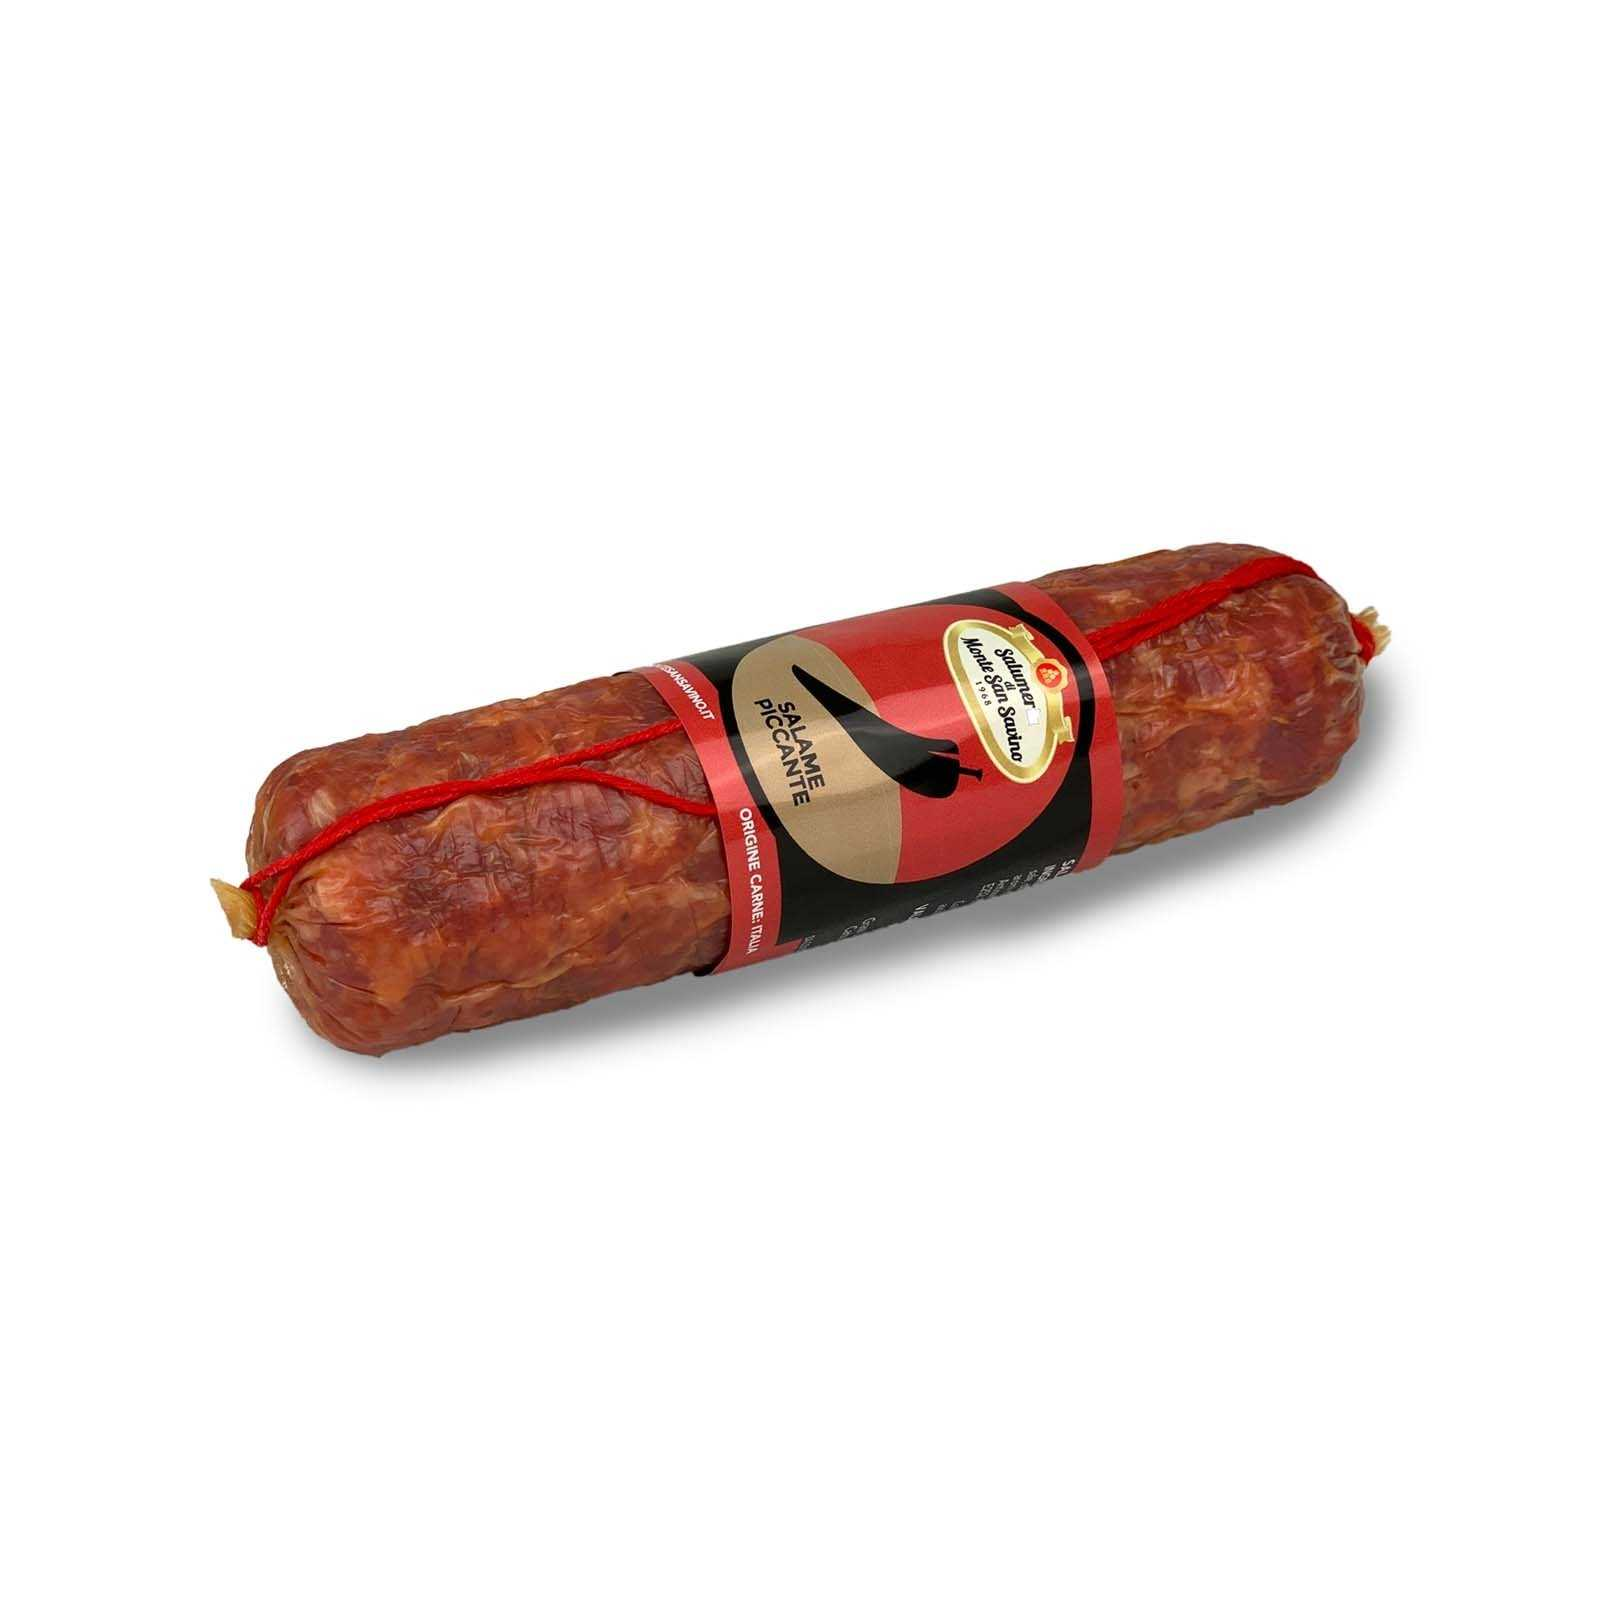 Small Chilli Salami